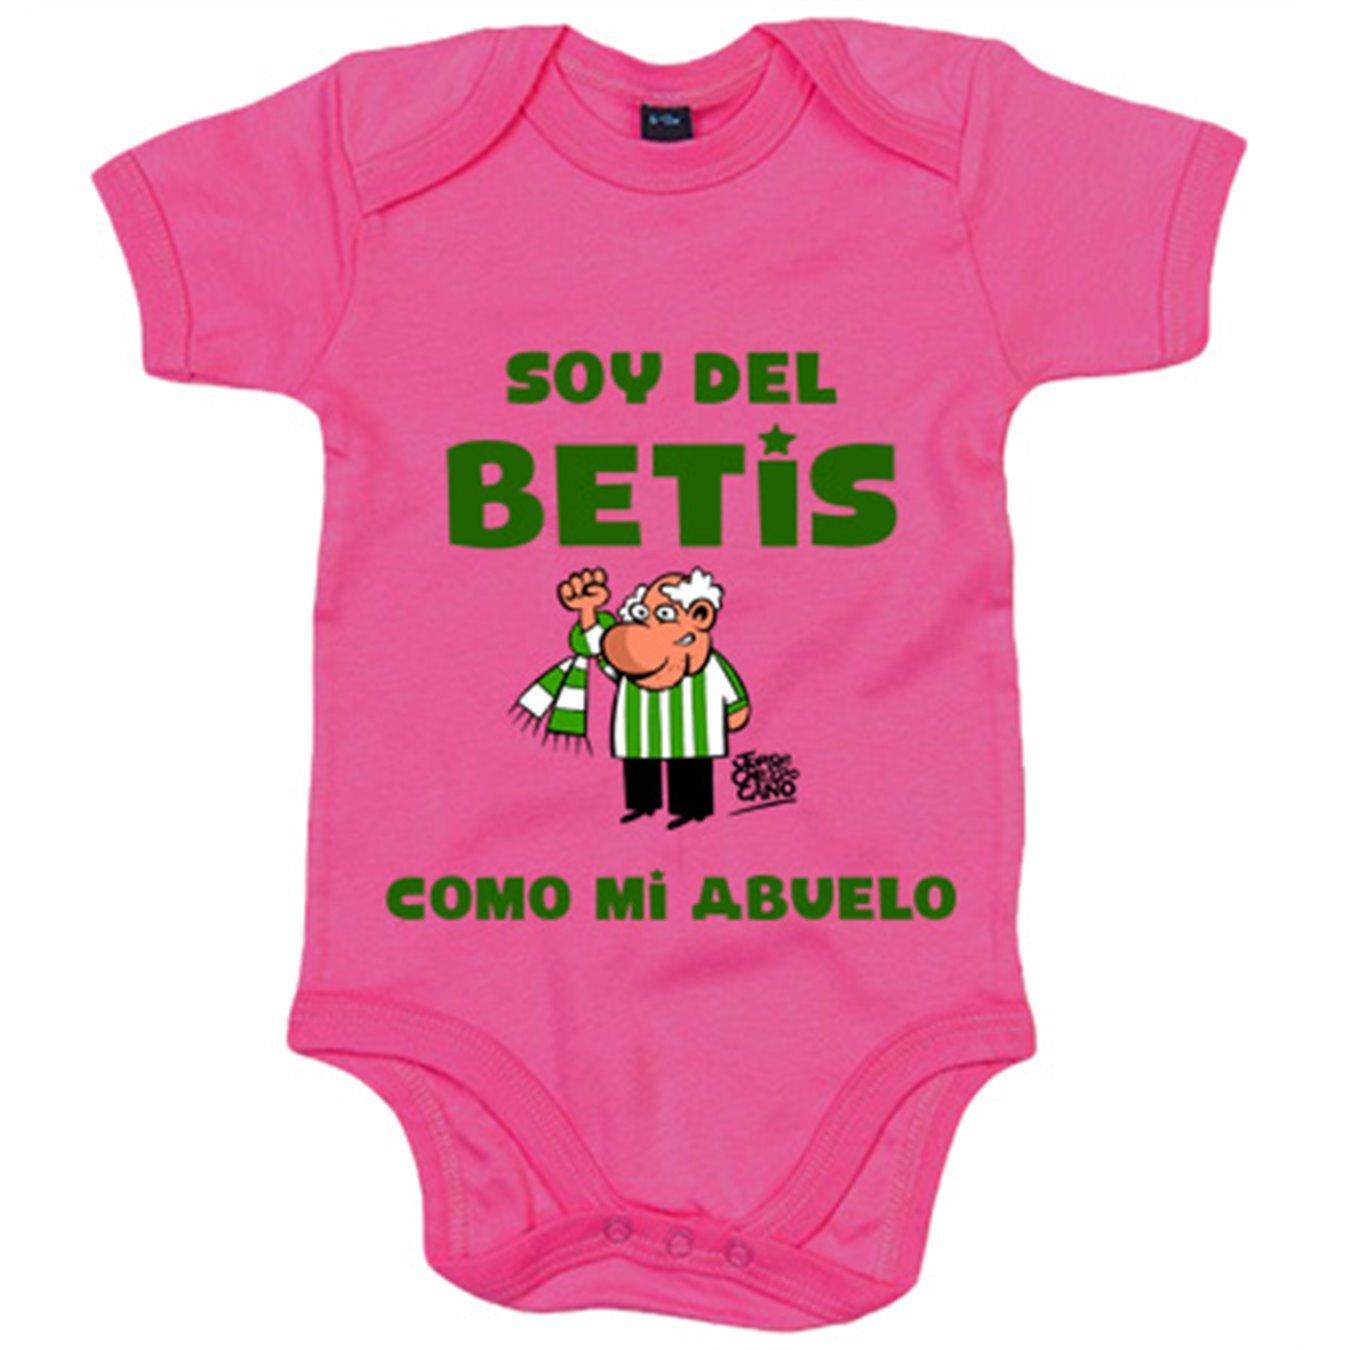 Body bebé Real Betis soy del Betis como mi abuelo - Amarillo ...